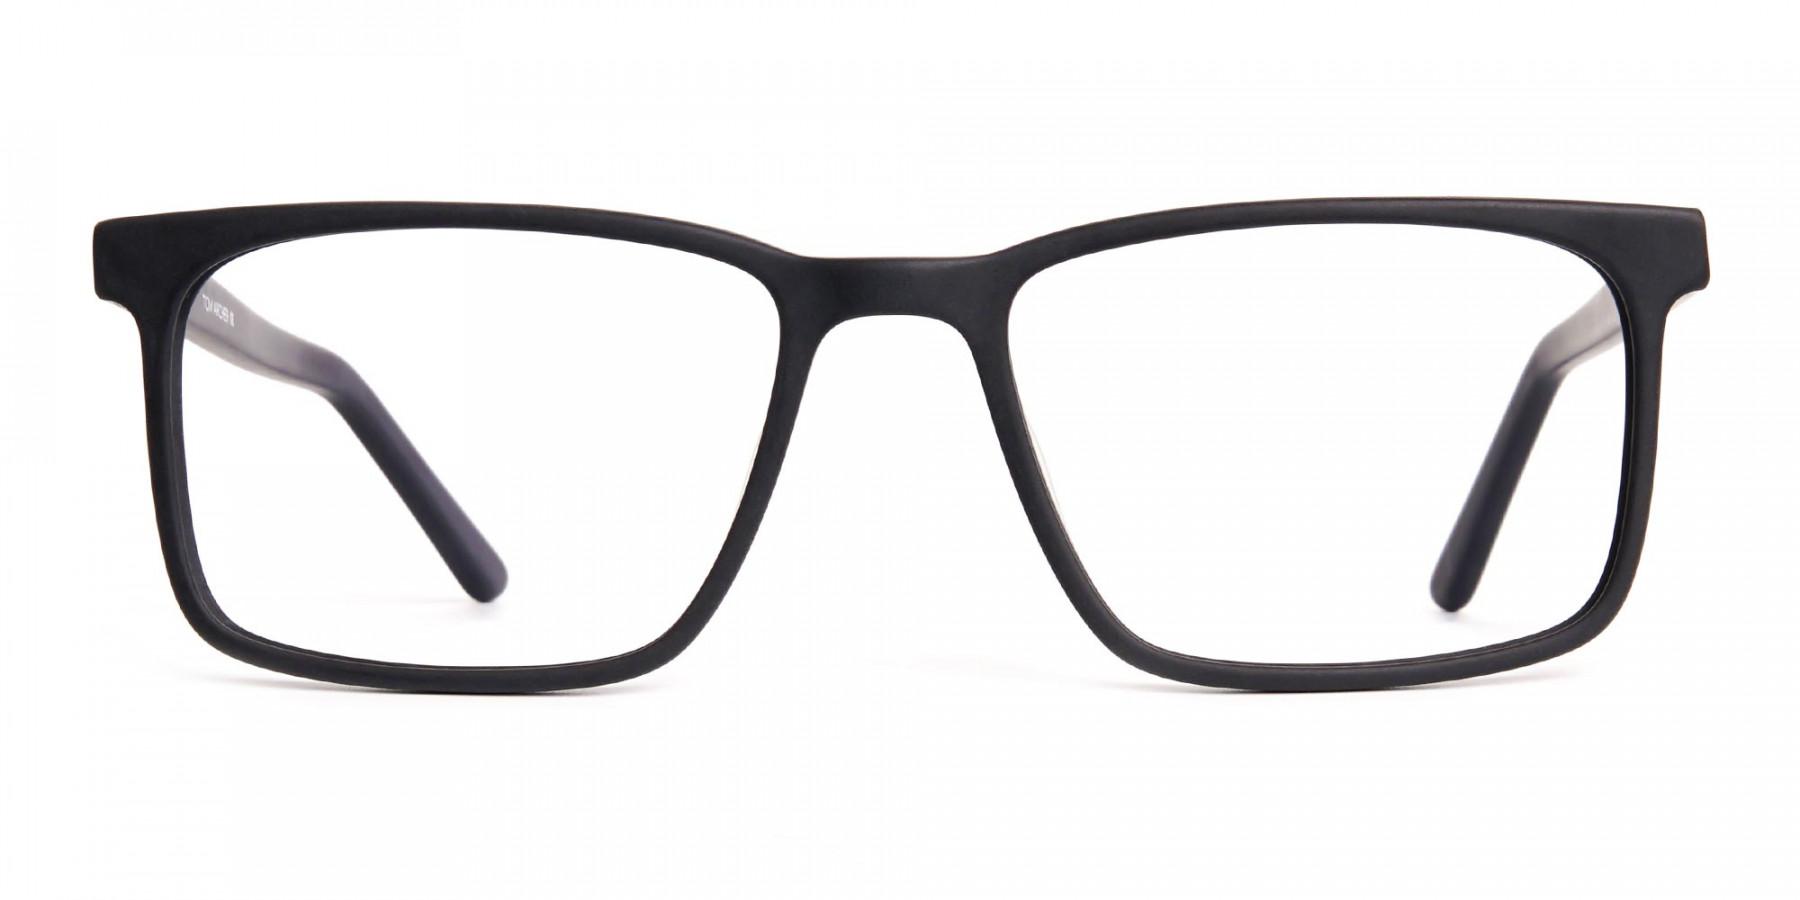 designer-matte-black-rectangular-glasses-frames-1